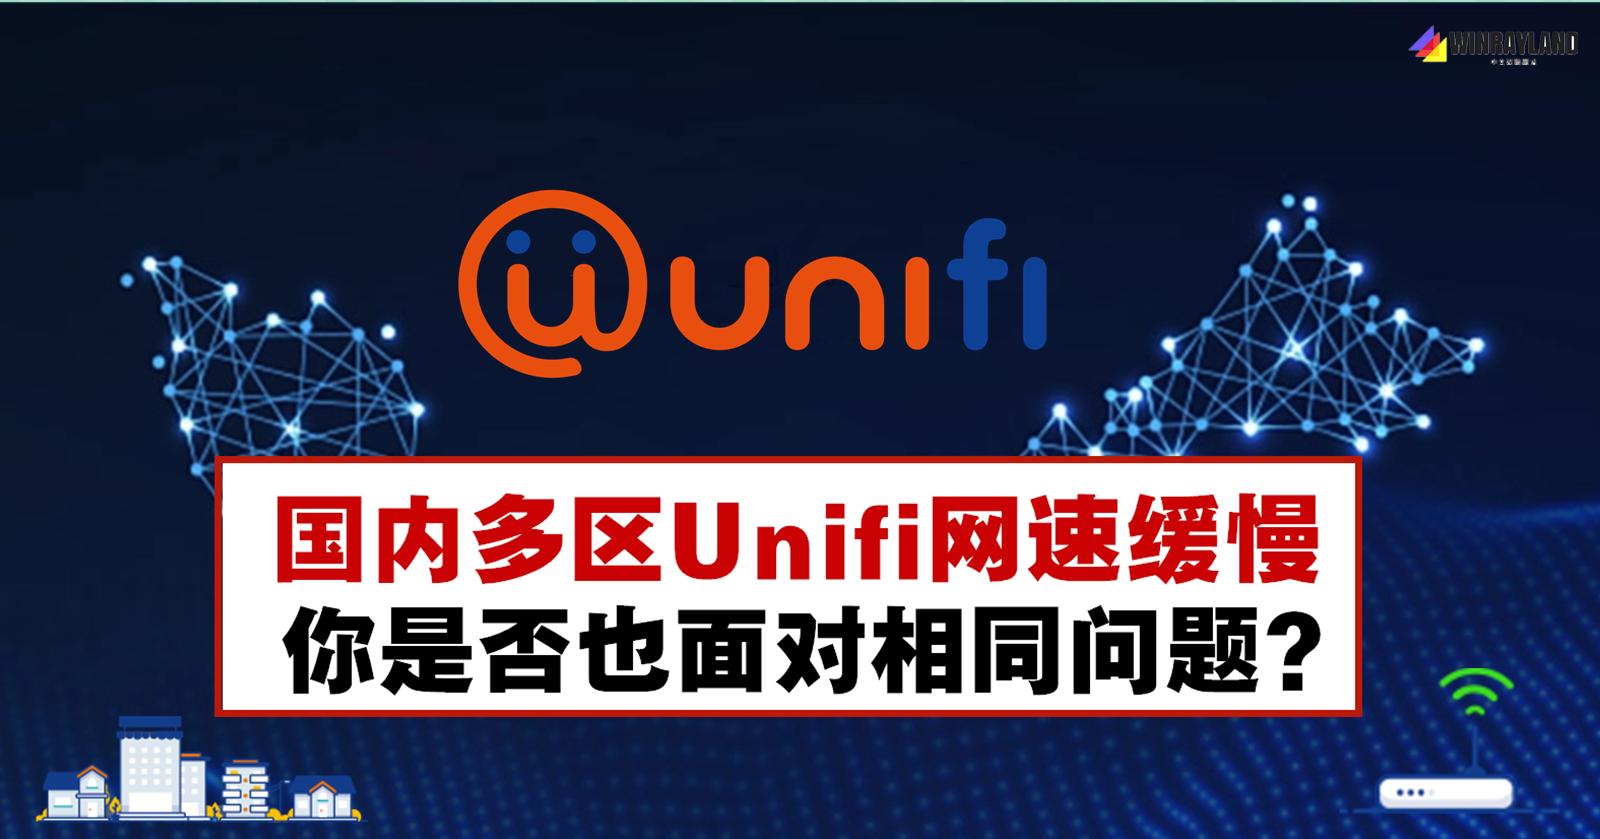 国内多区Unifi用户投诉网速缓慢